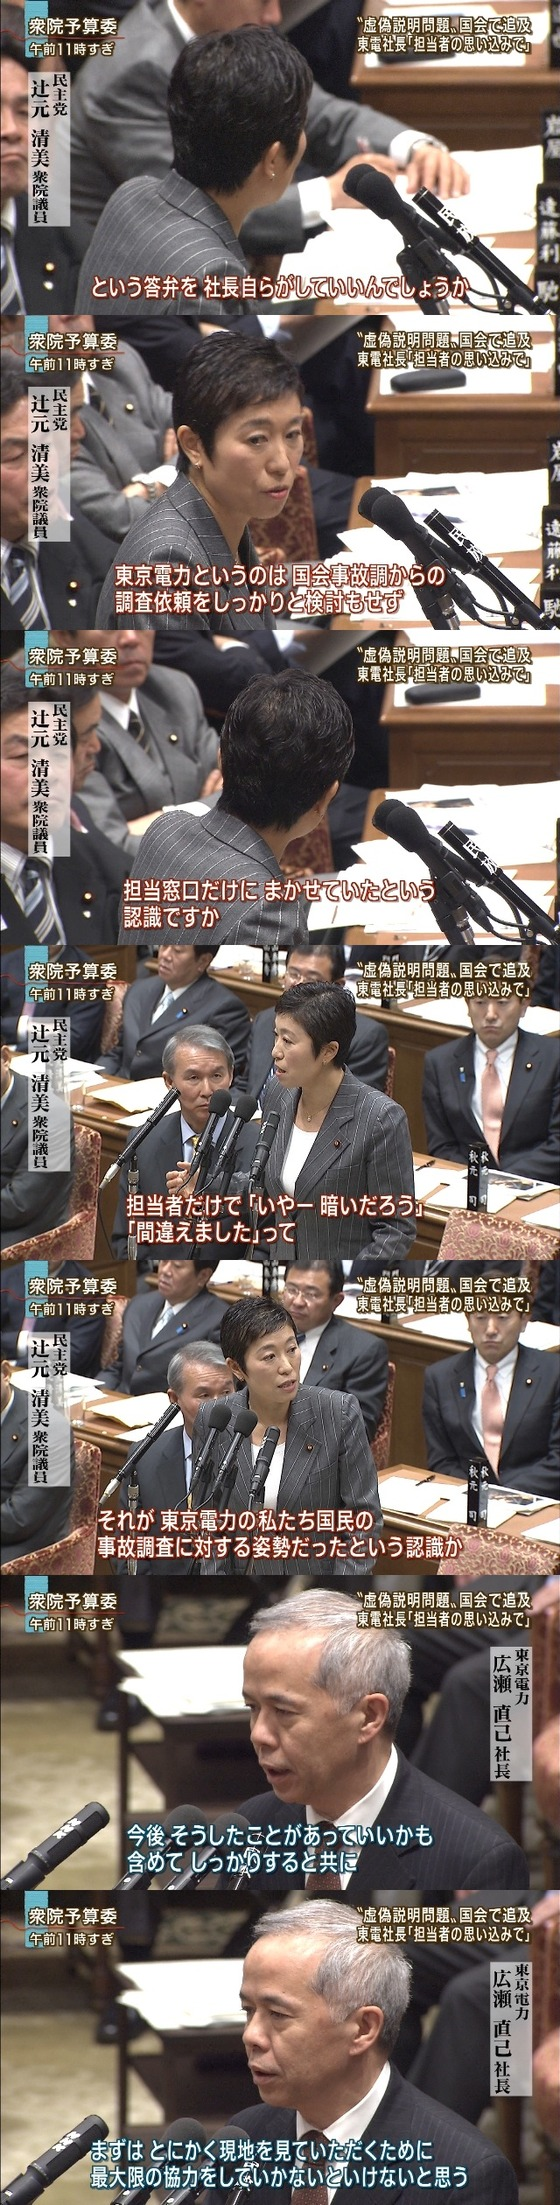 東電社長「担当者の思い込み」7